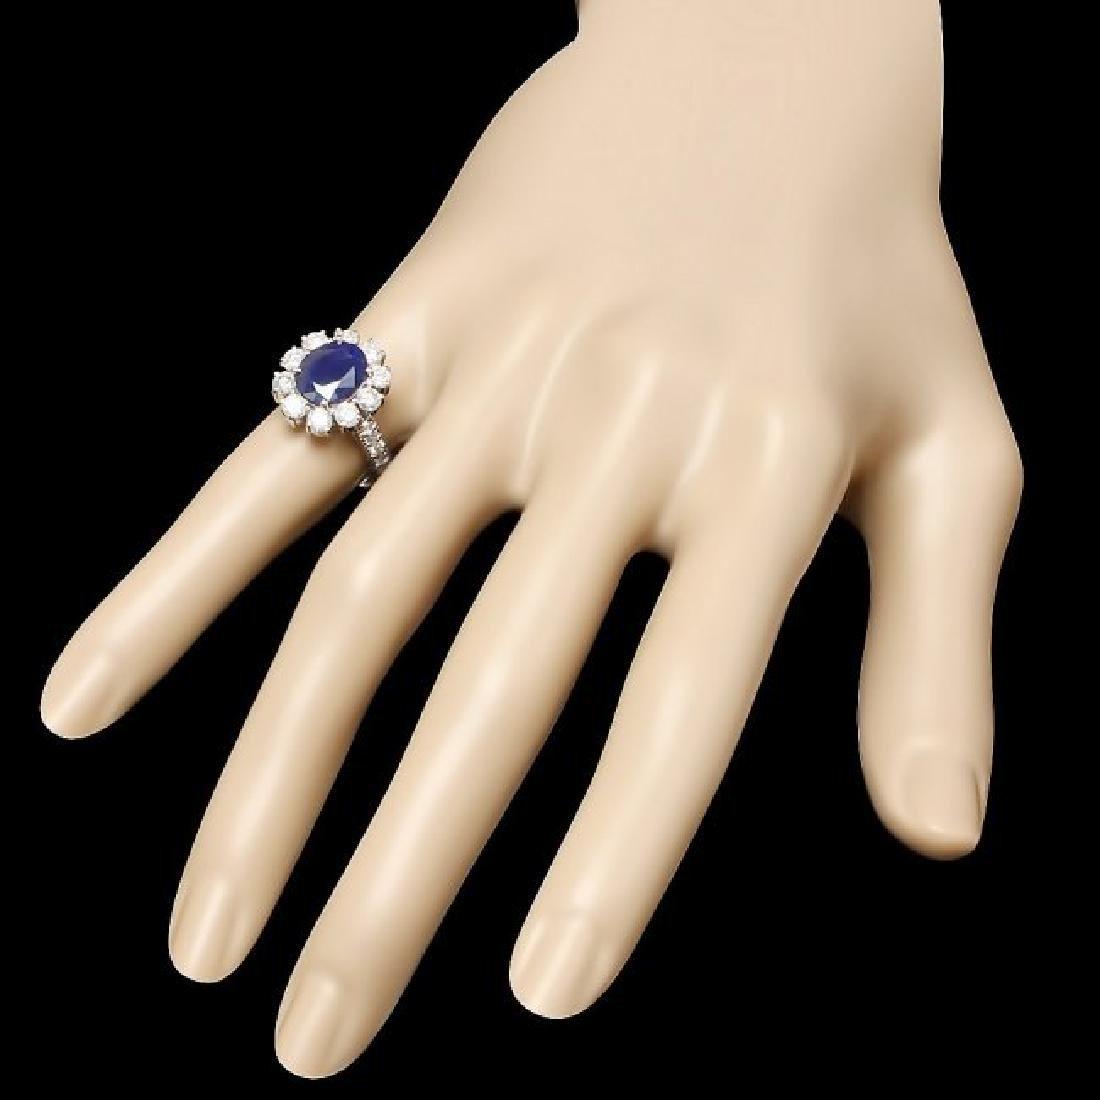 14k White Gold 2.60ct Sapphire 1.5ct Diamond Ring - 3